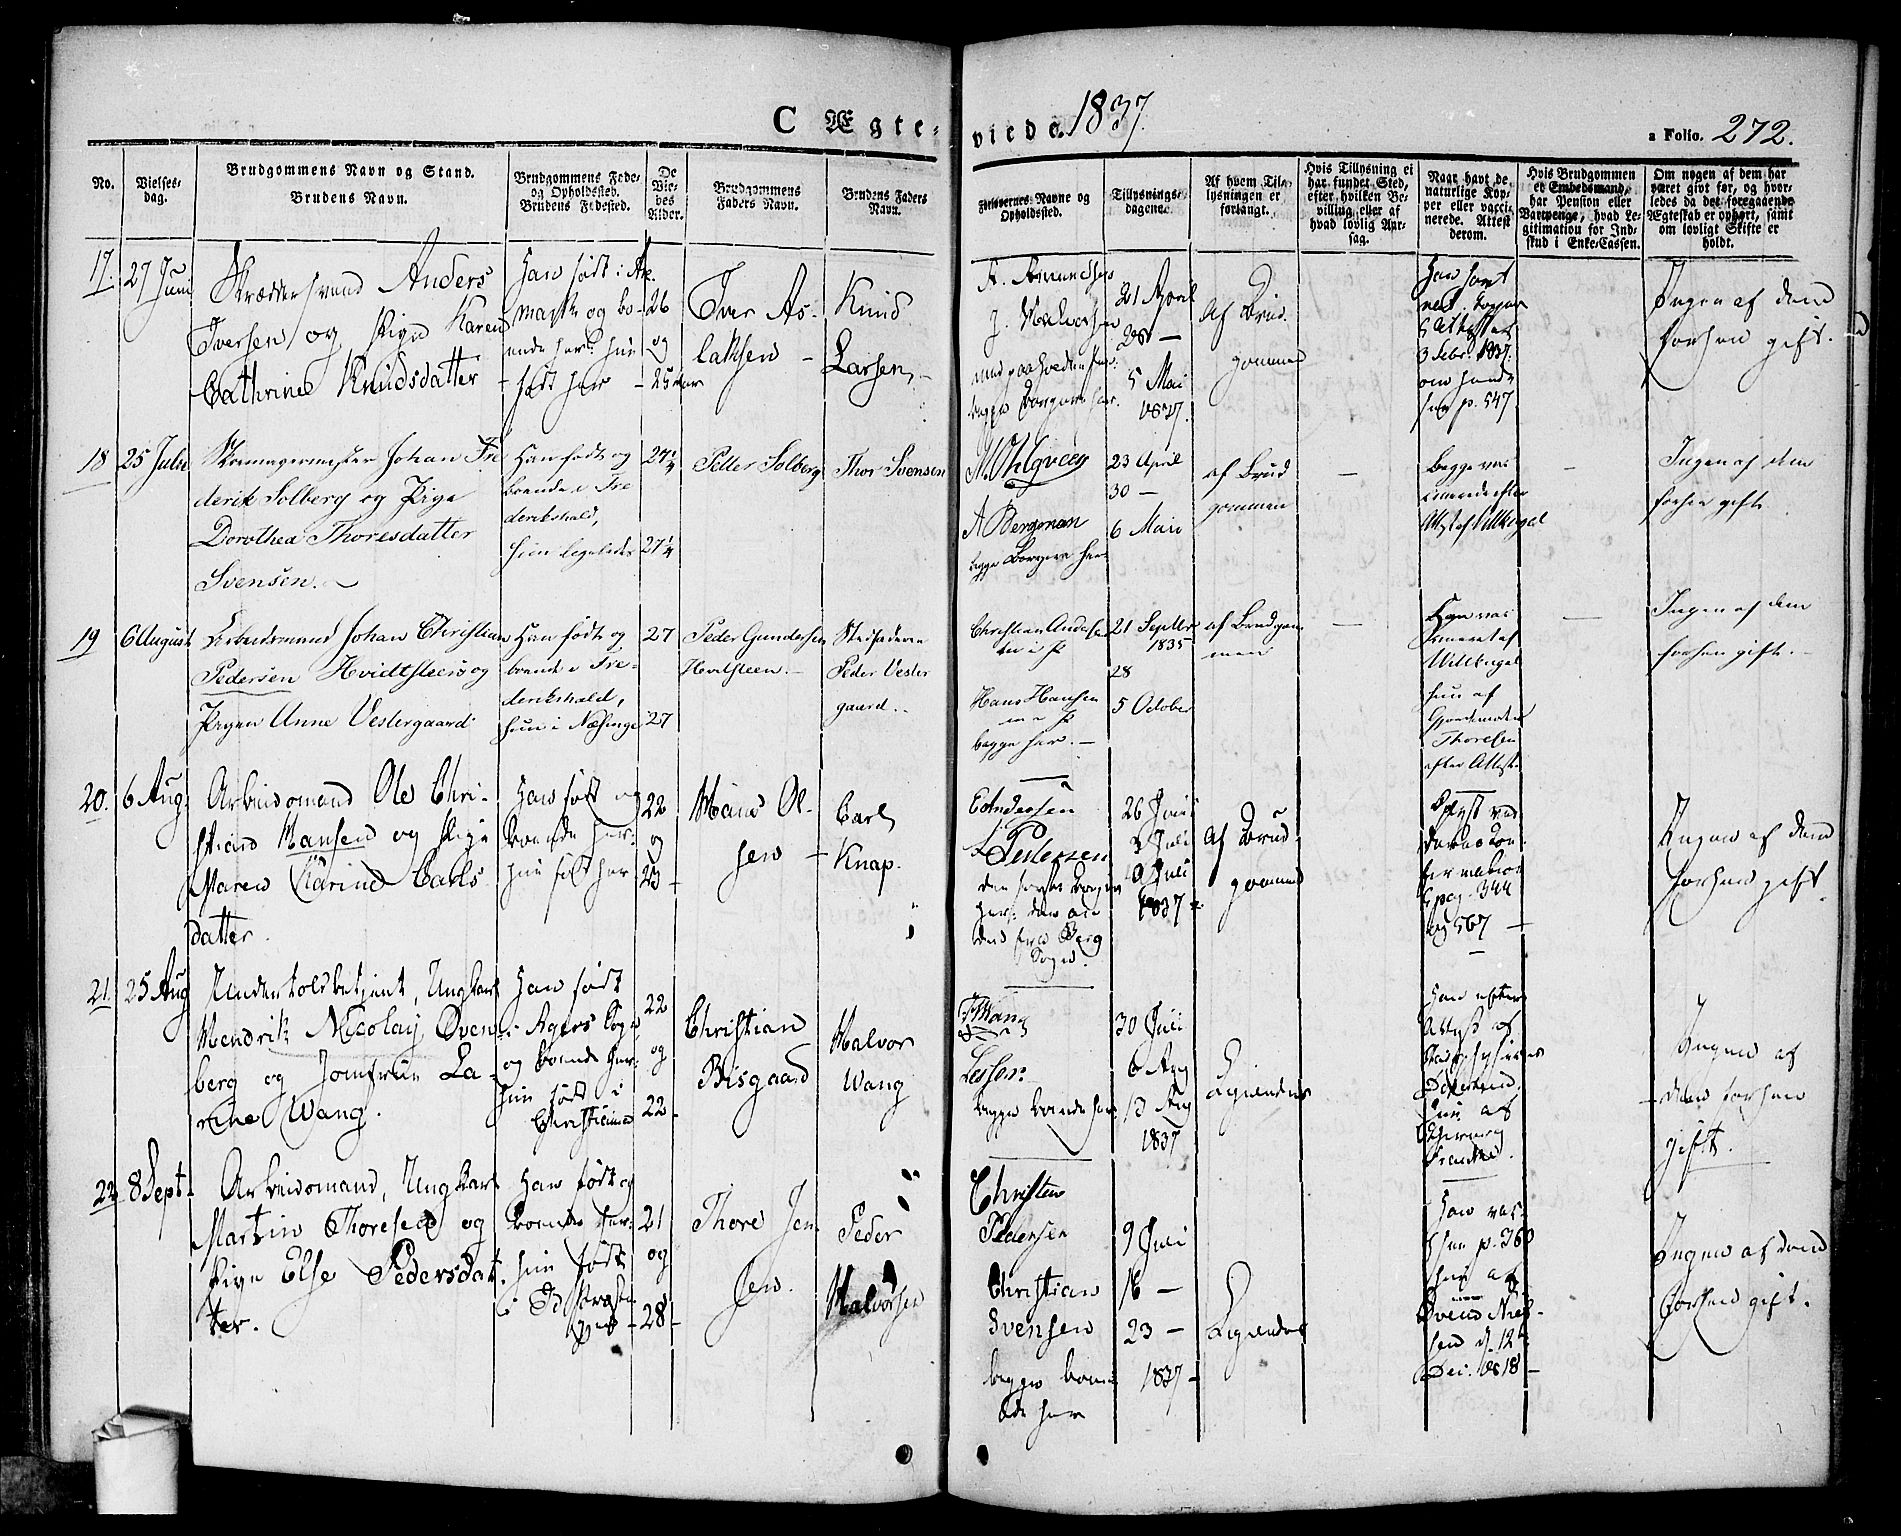 SAO, Halden prestekontor Kirkebøker, F/Fa/L0005: Ministerialbok nr. I 5, 1834-1845, s. 272